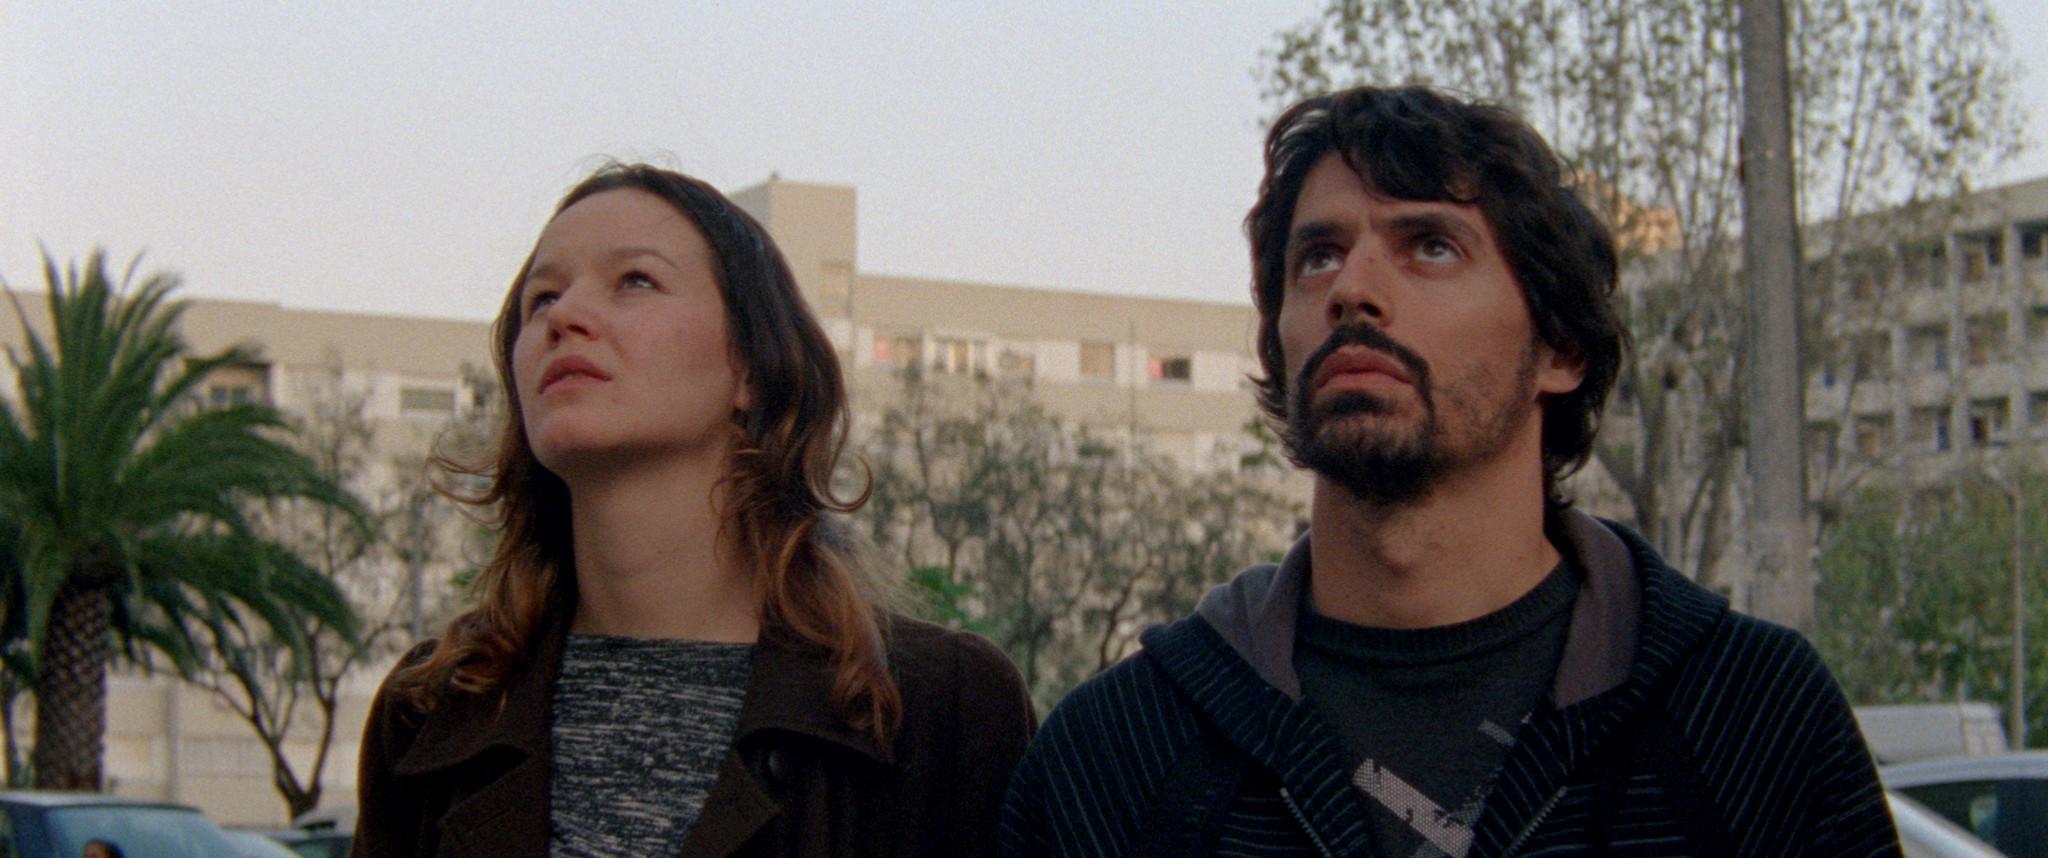 Arabian Nights - Volume 2: un'immagine tratta dal film di Miguel Gomes